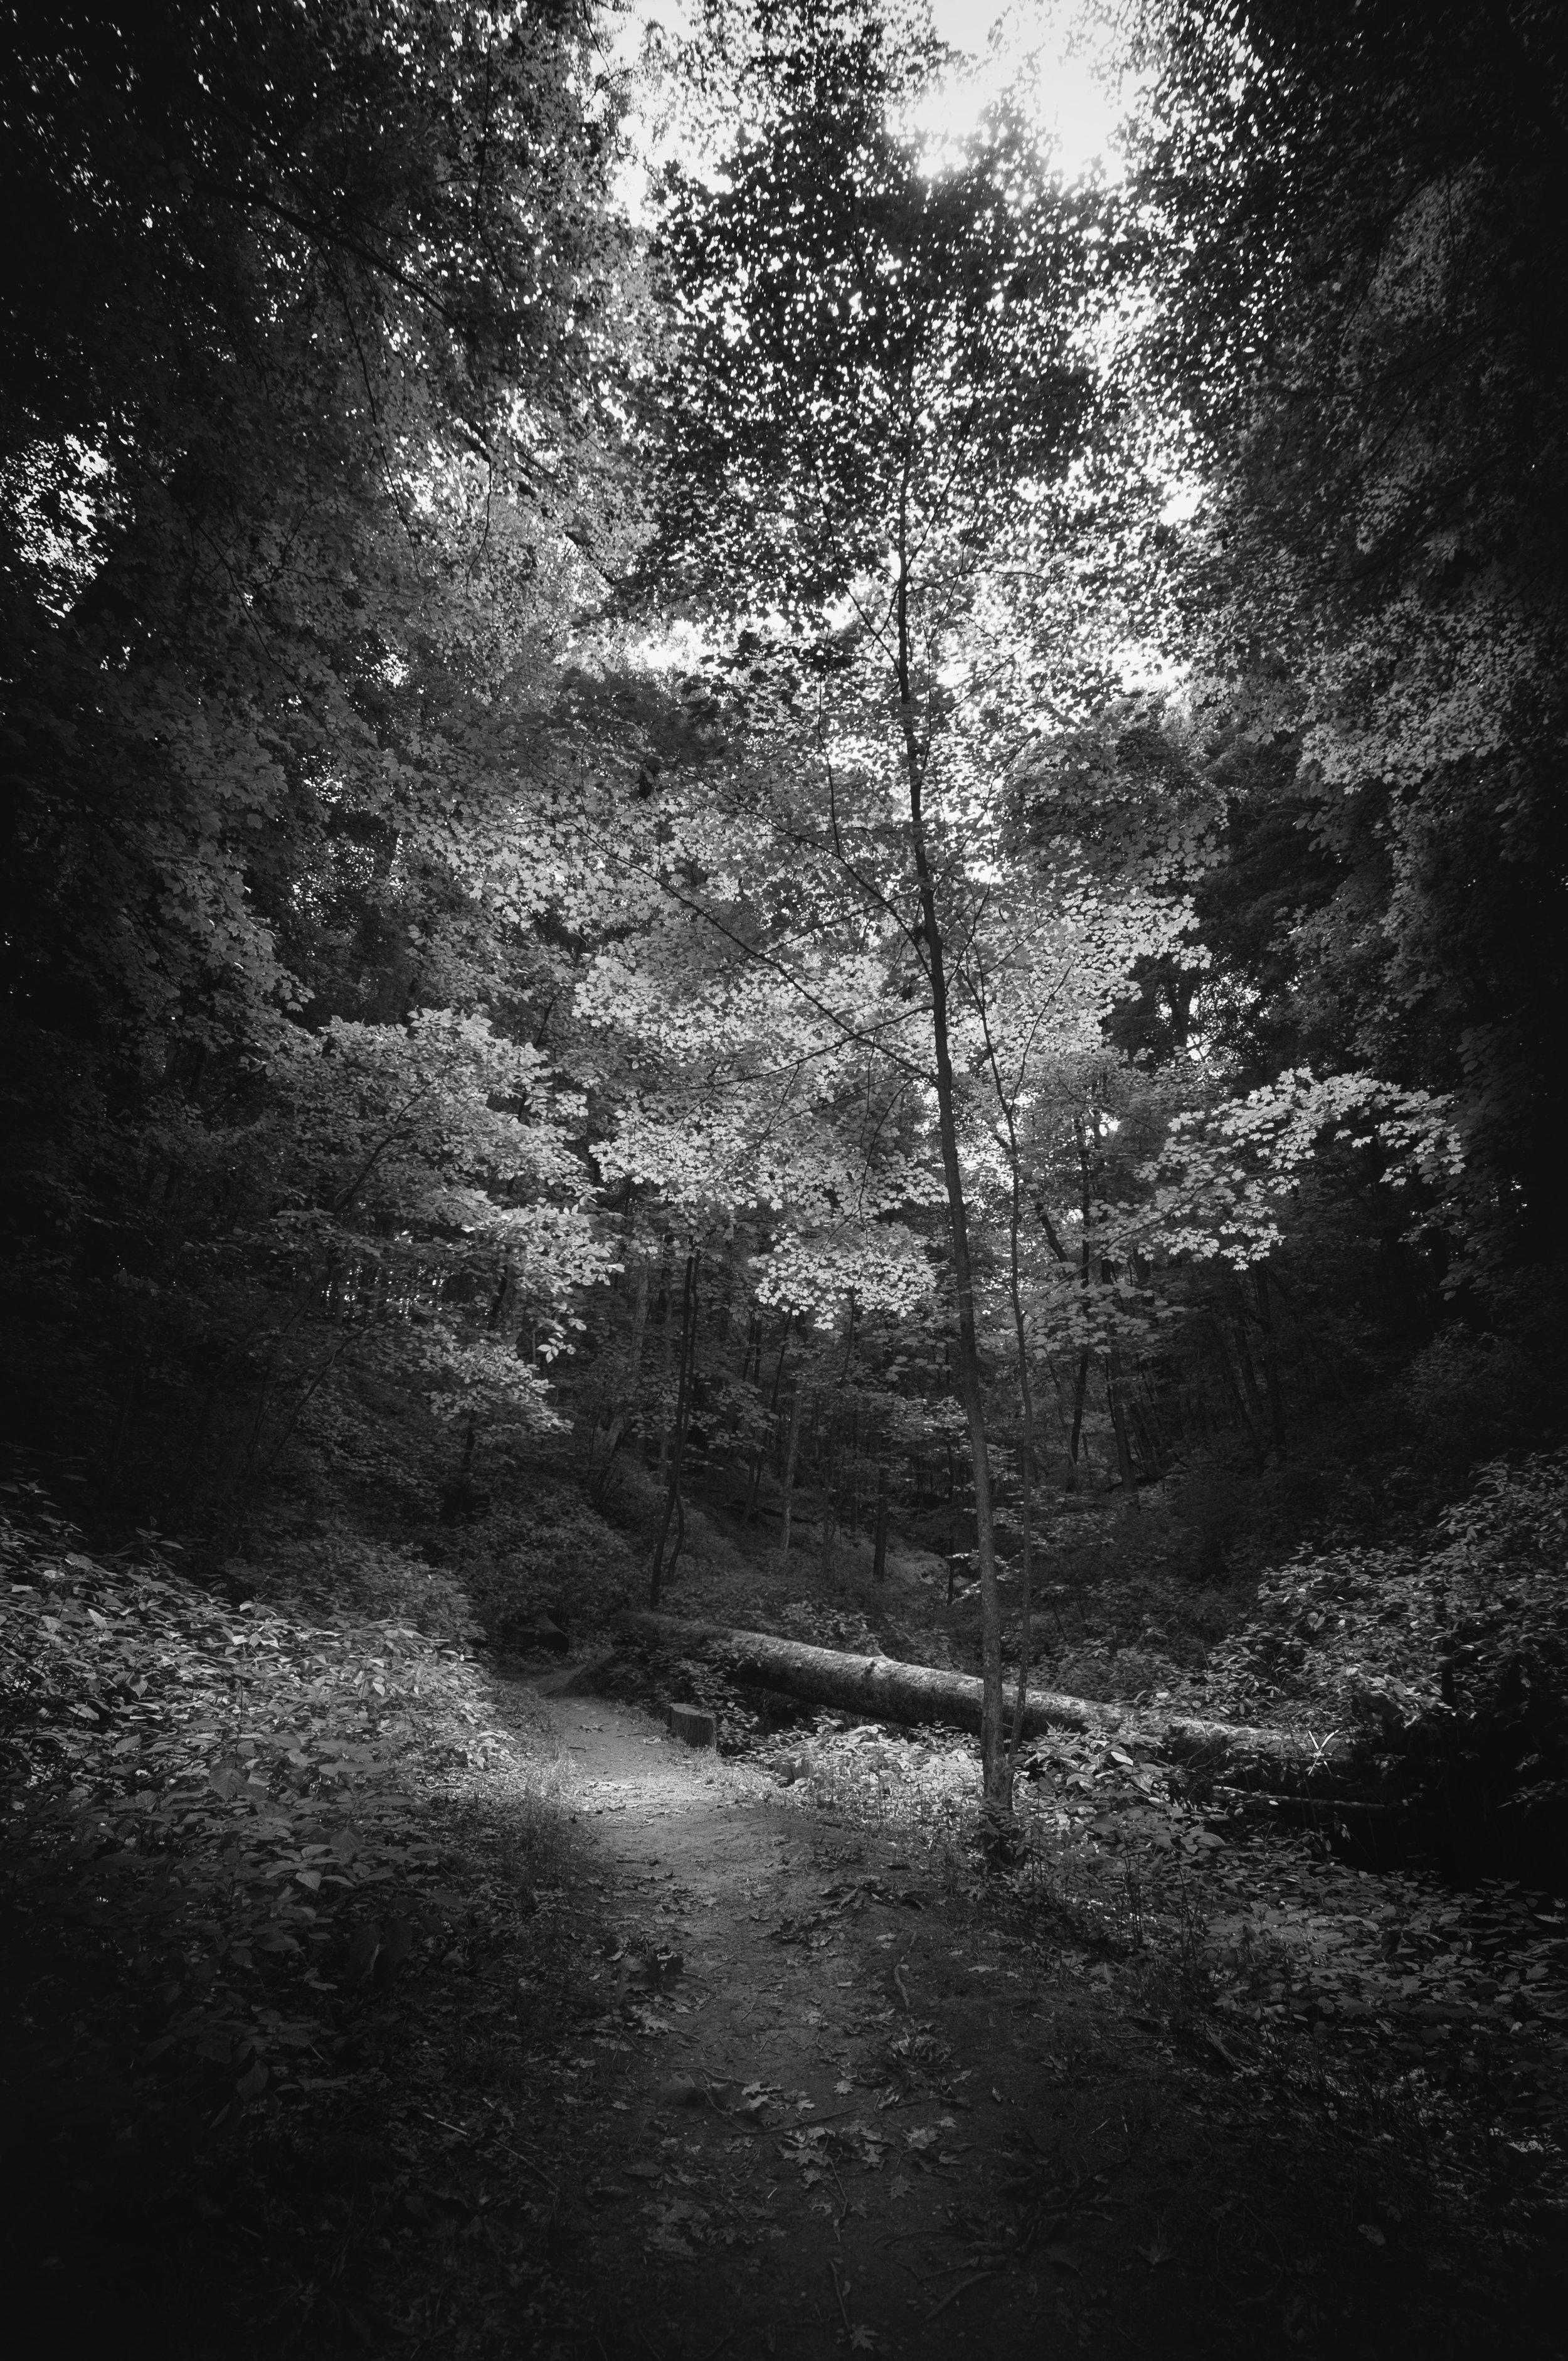 Landscape_Woods_Summer_OH003.jpg